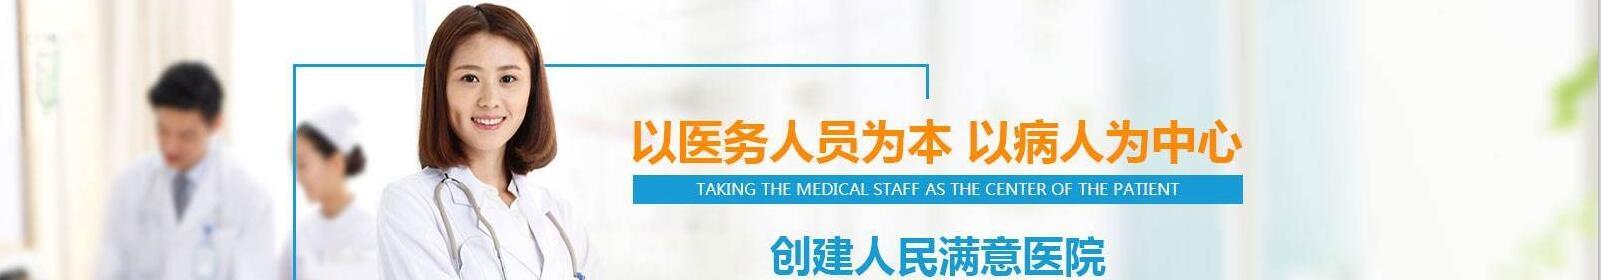 南昌甲状腺医院